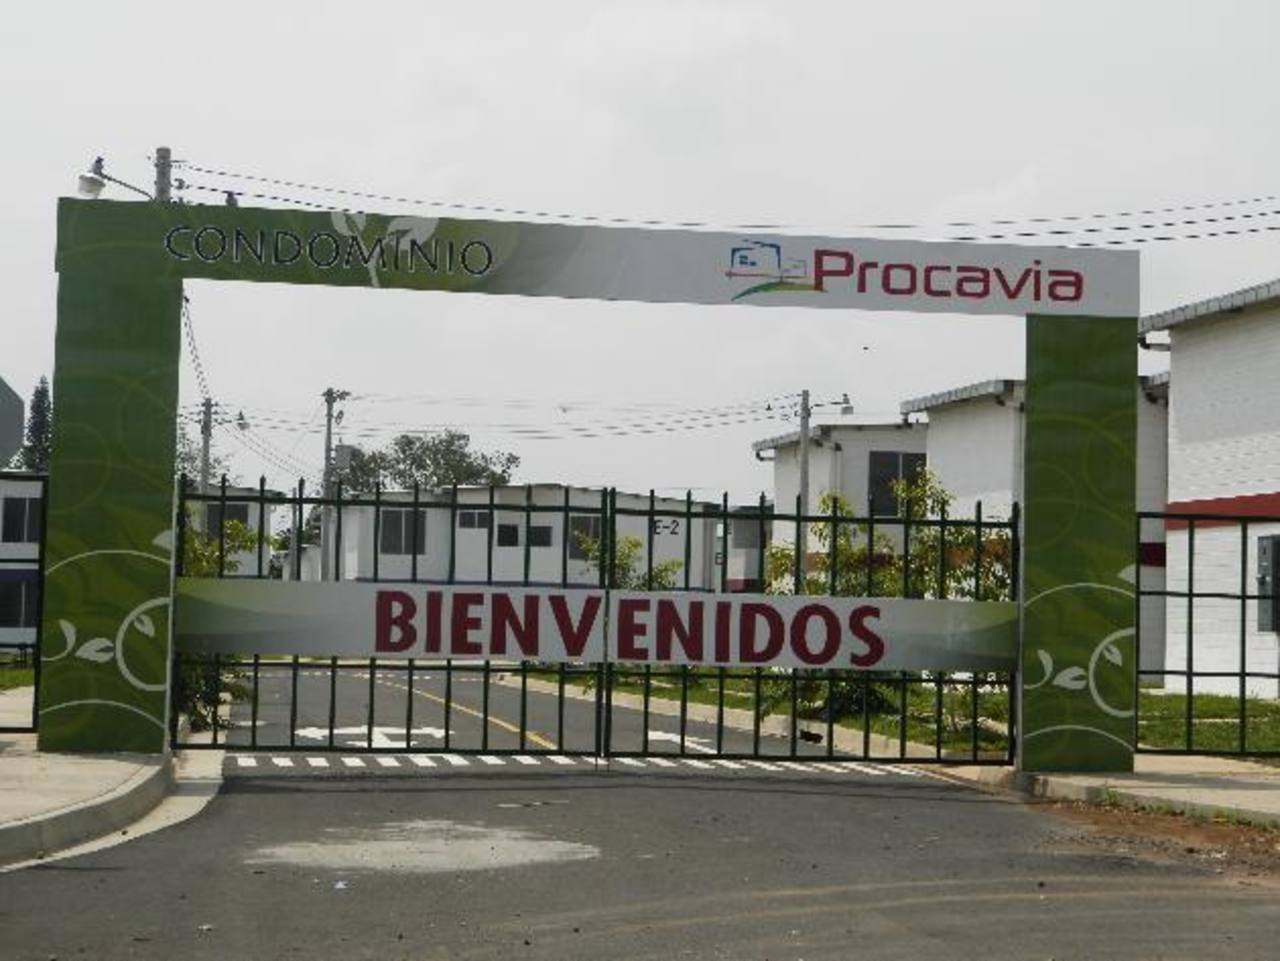 Esta es la entrada principal a uno de los proyectos habitacionales que financió Fonavipo y que no ha logrado atraer a los clientes, debido a los altos precios. Fotos edh/Milton Jaco